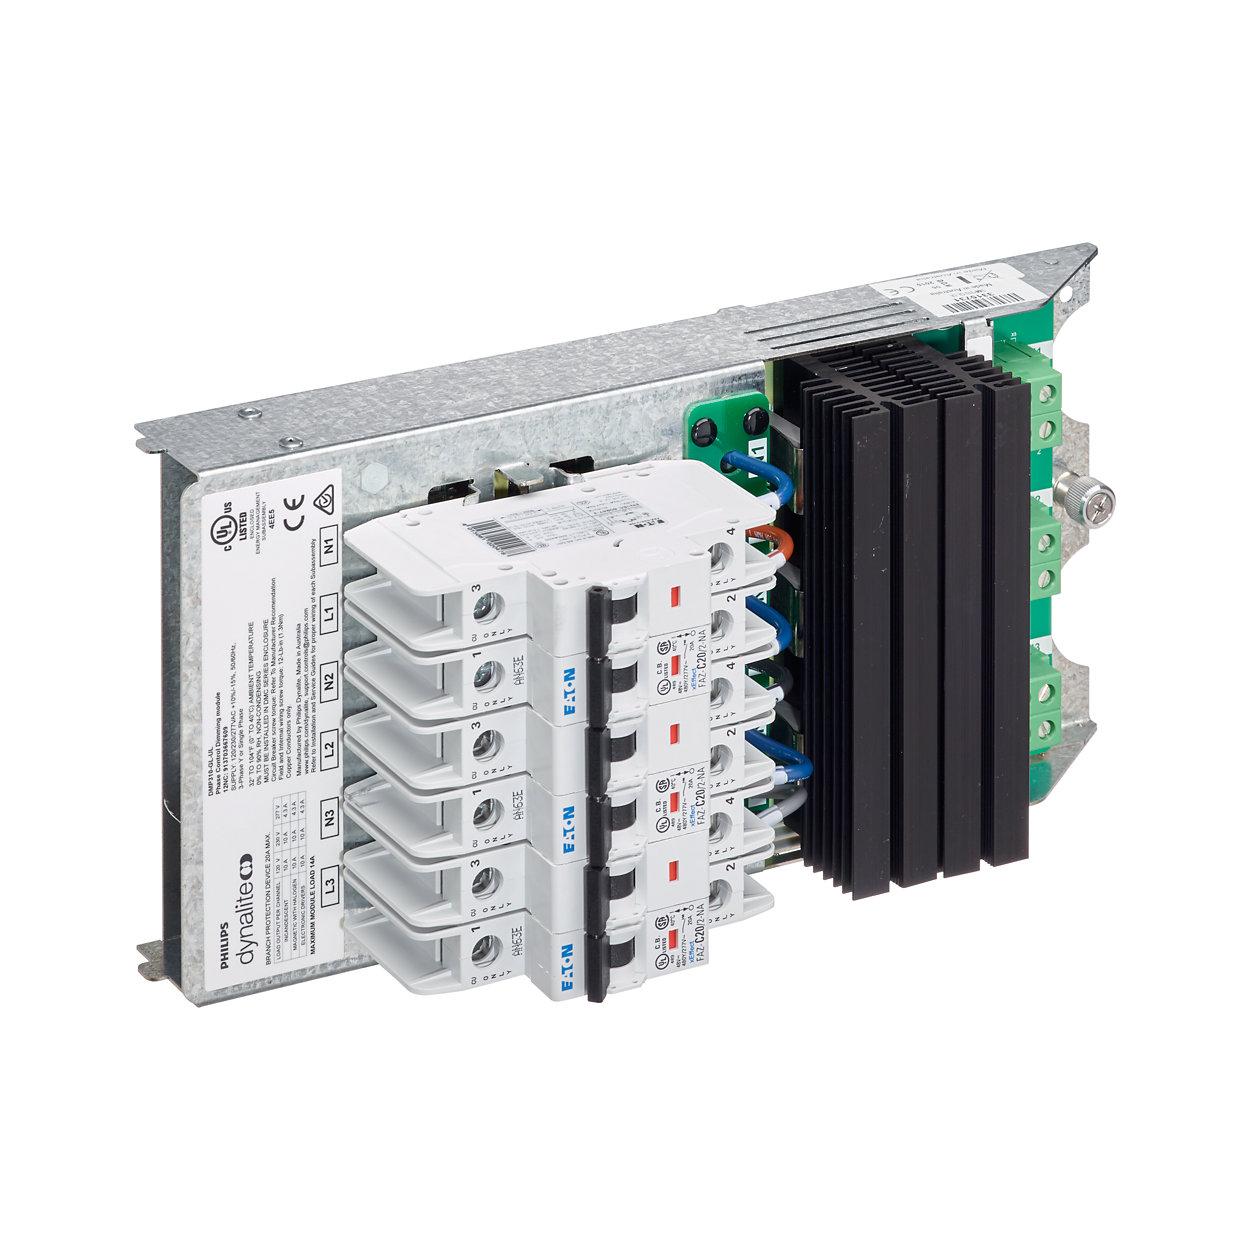 Des solutions de commande d'éclairage peu énergivores, à la fois sophistiquées et simples